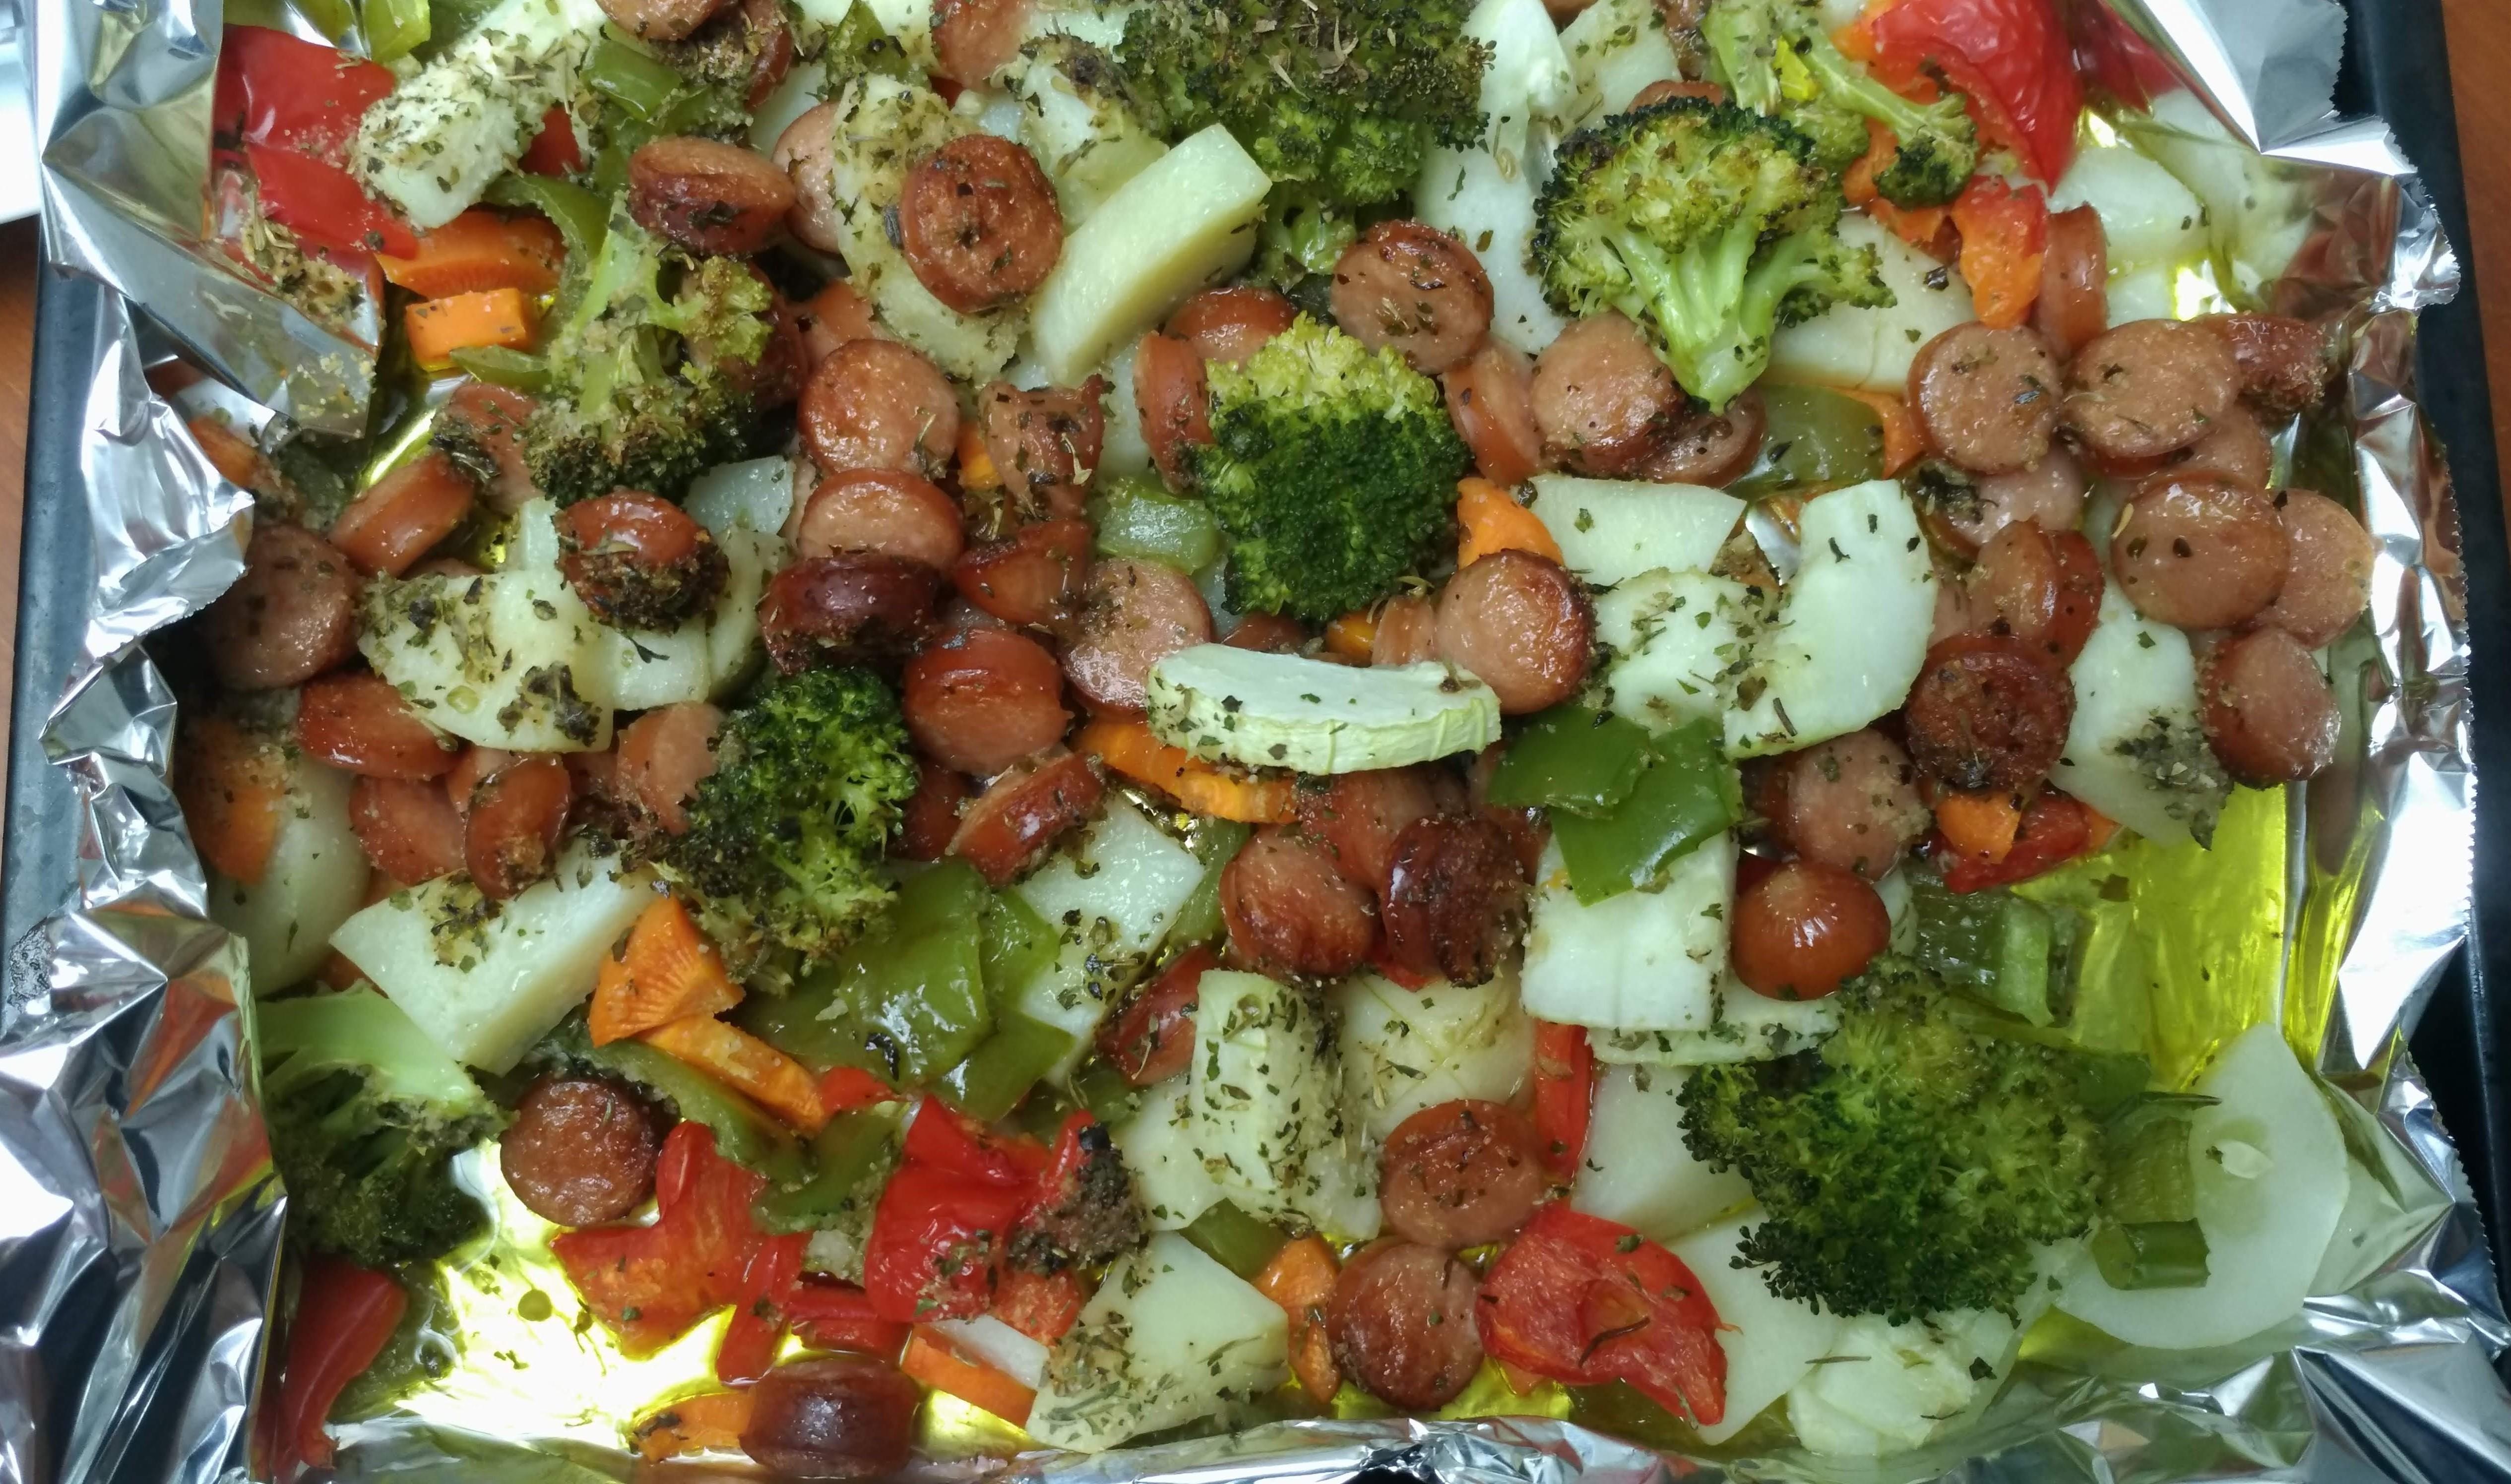 週末食譜:烤義大利式香腸&蔬菜,一鍋到底!